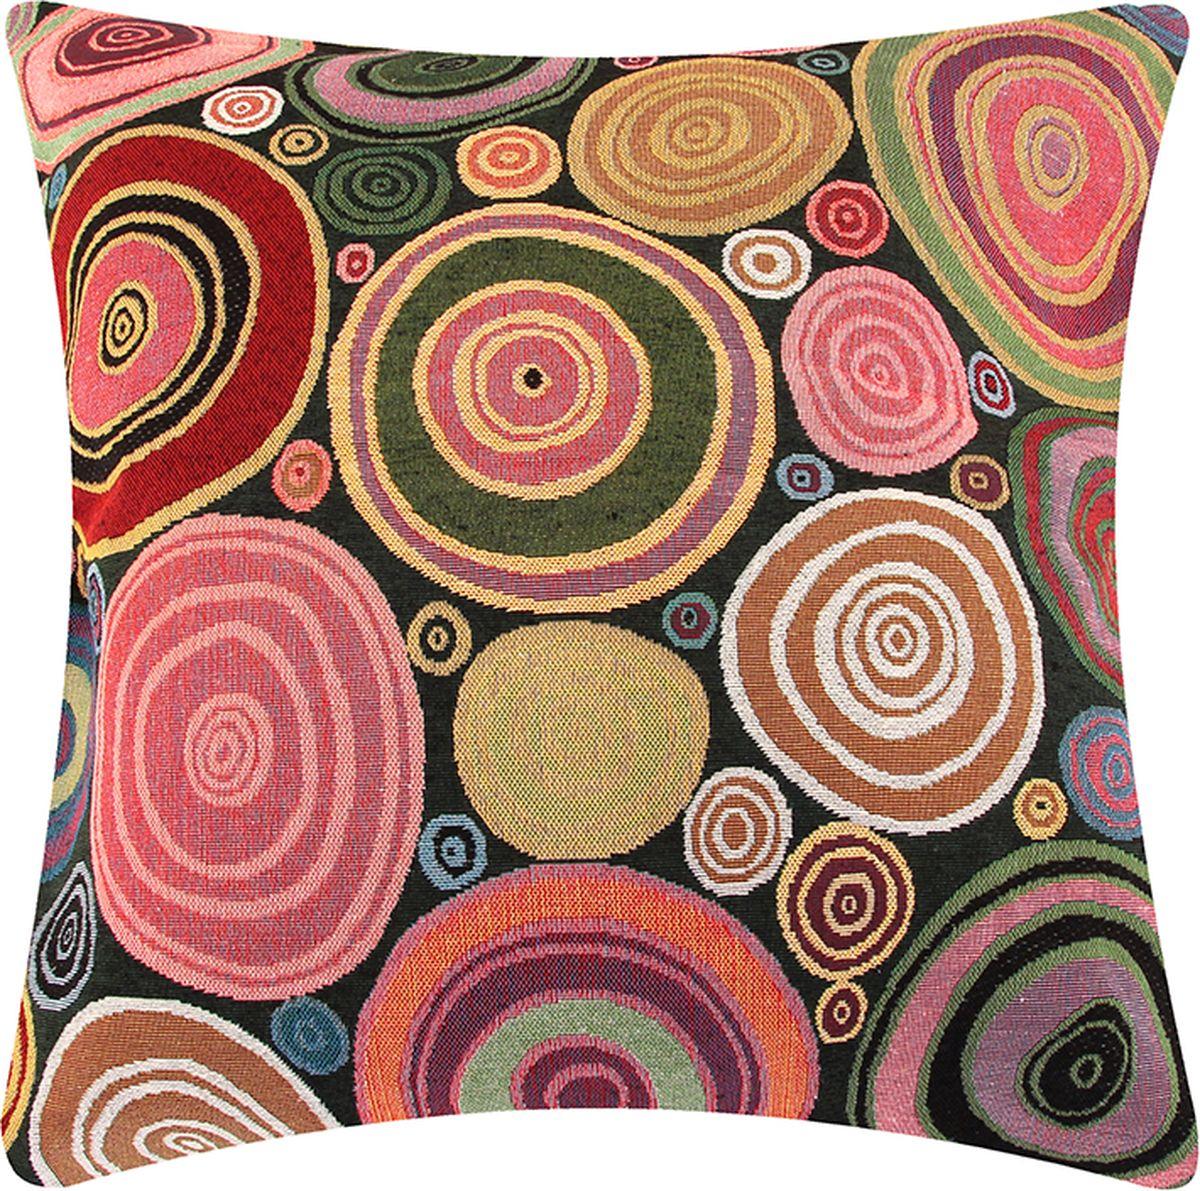 Подушка декоративная EL Casa Фейерверк, 43 х 43 см171312Декоративная подушка EL Casa Фейерверк подарит комфорт и уют, станет прекрасным элементом декора.Состав наволочки: лен и полиэстер. Она легко снимается, благодаря молнии. Внутри подушки находится мягкий наполнитель.